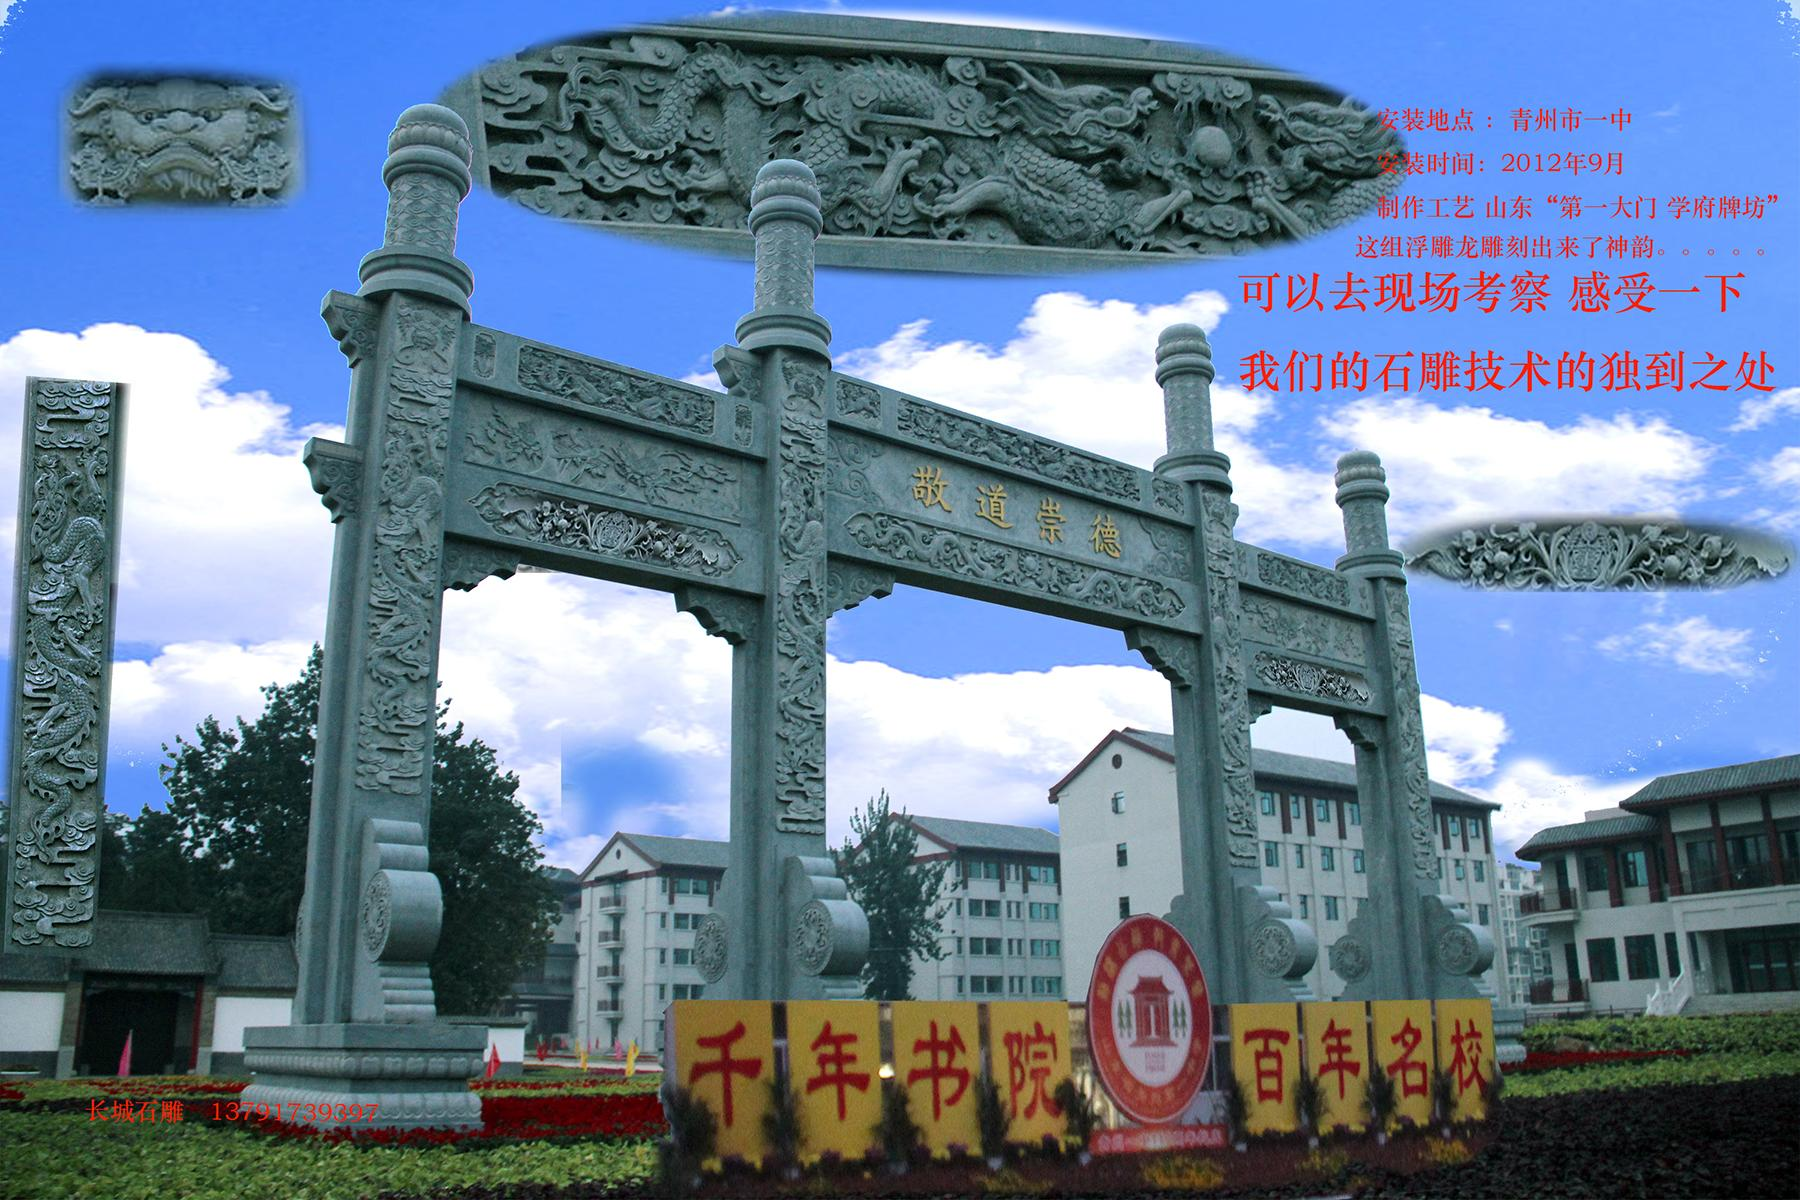 青州中学石雕牌坊,山东第一石雕牌楼,石牌坊